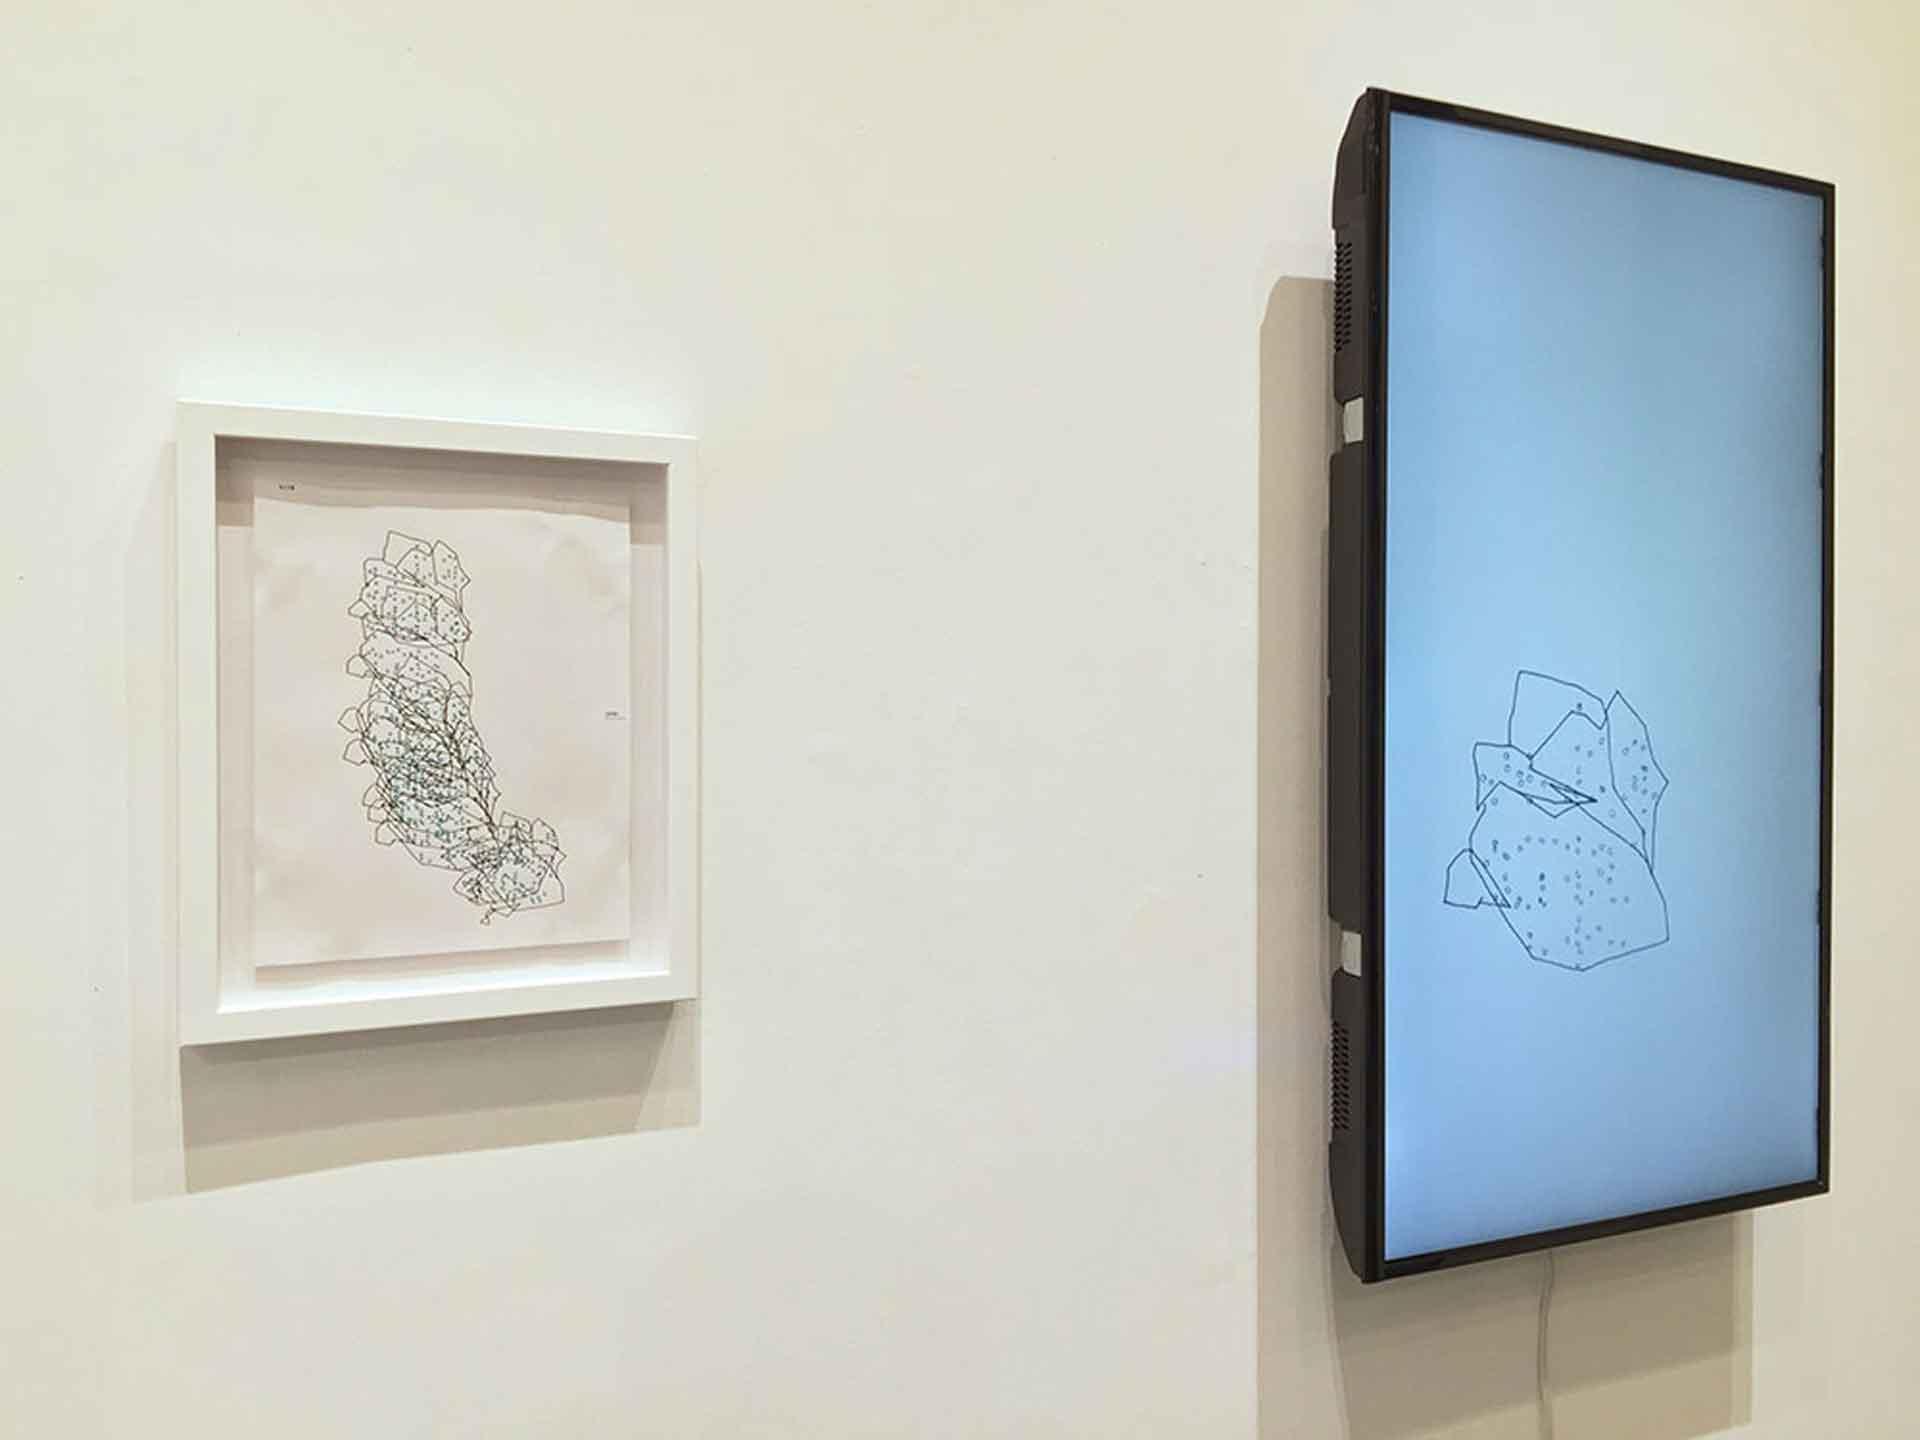 Naomi Cook view pfoac center Arts and society